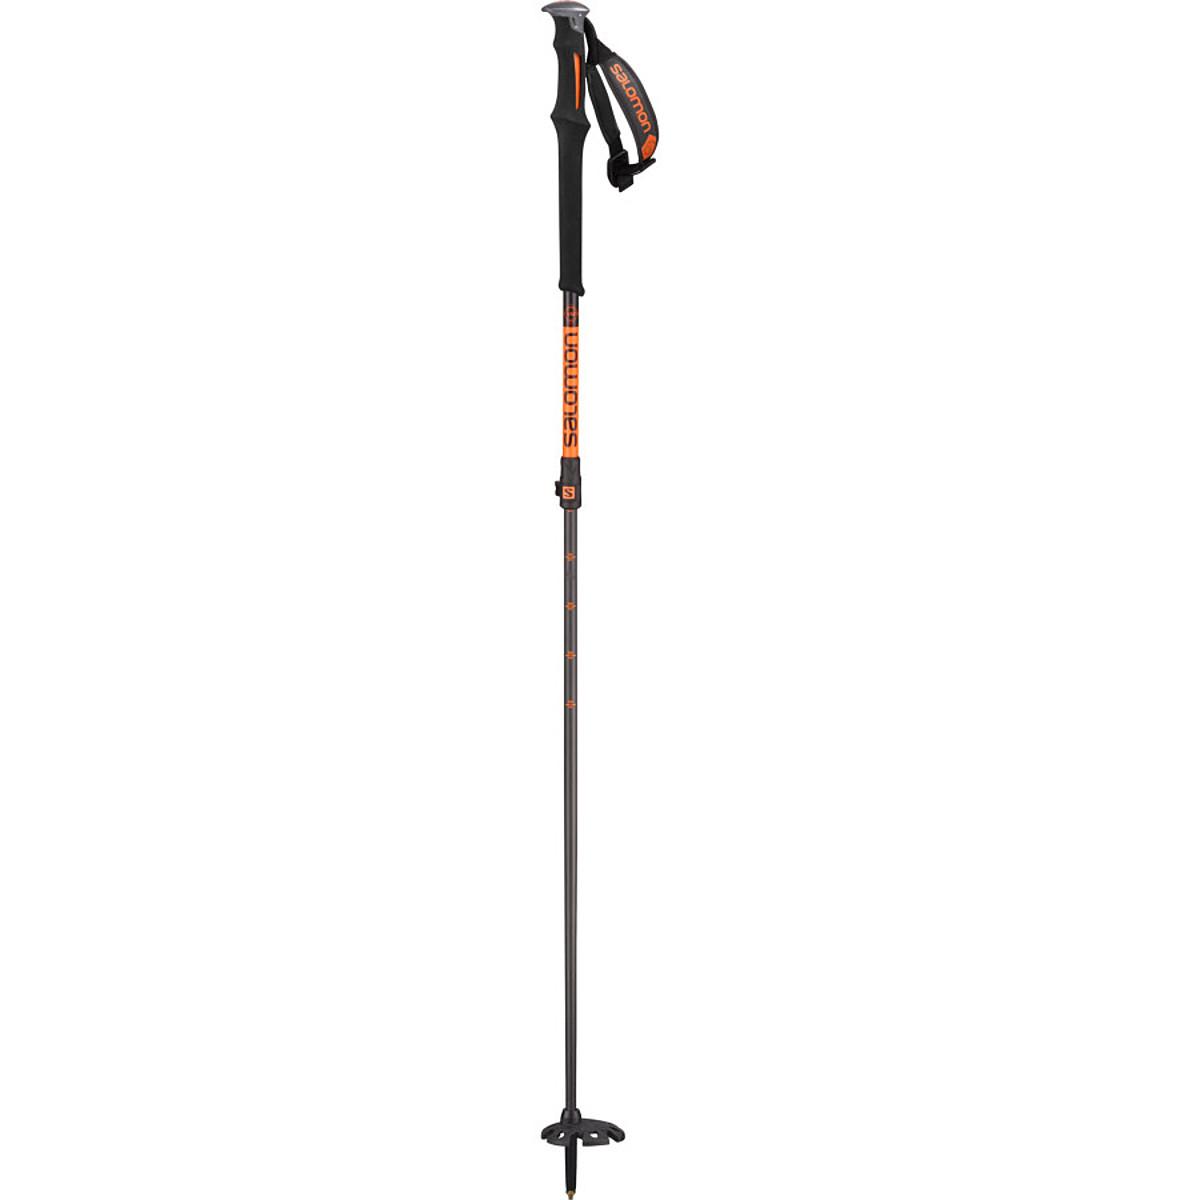 Salomon Q Vario Carbon Ski Pole